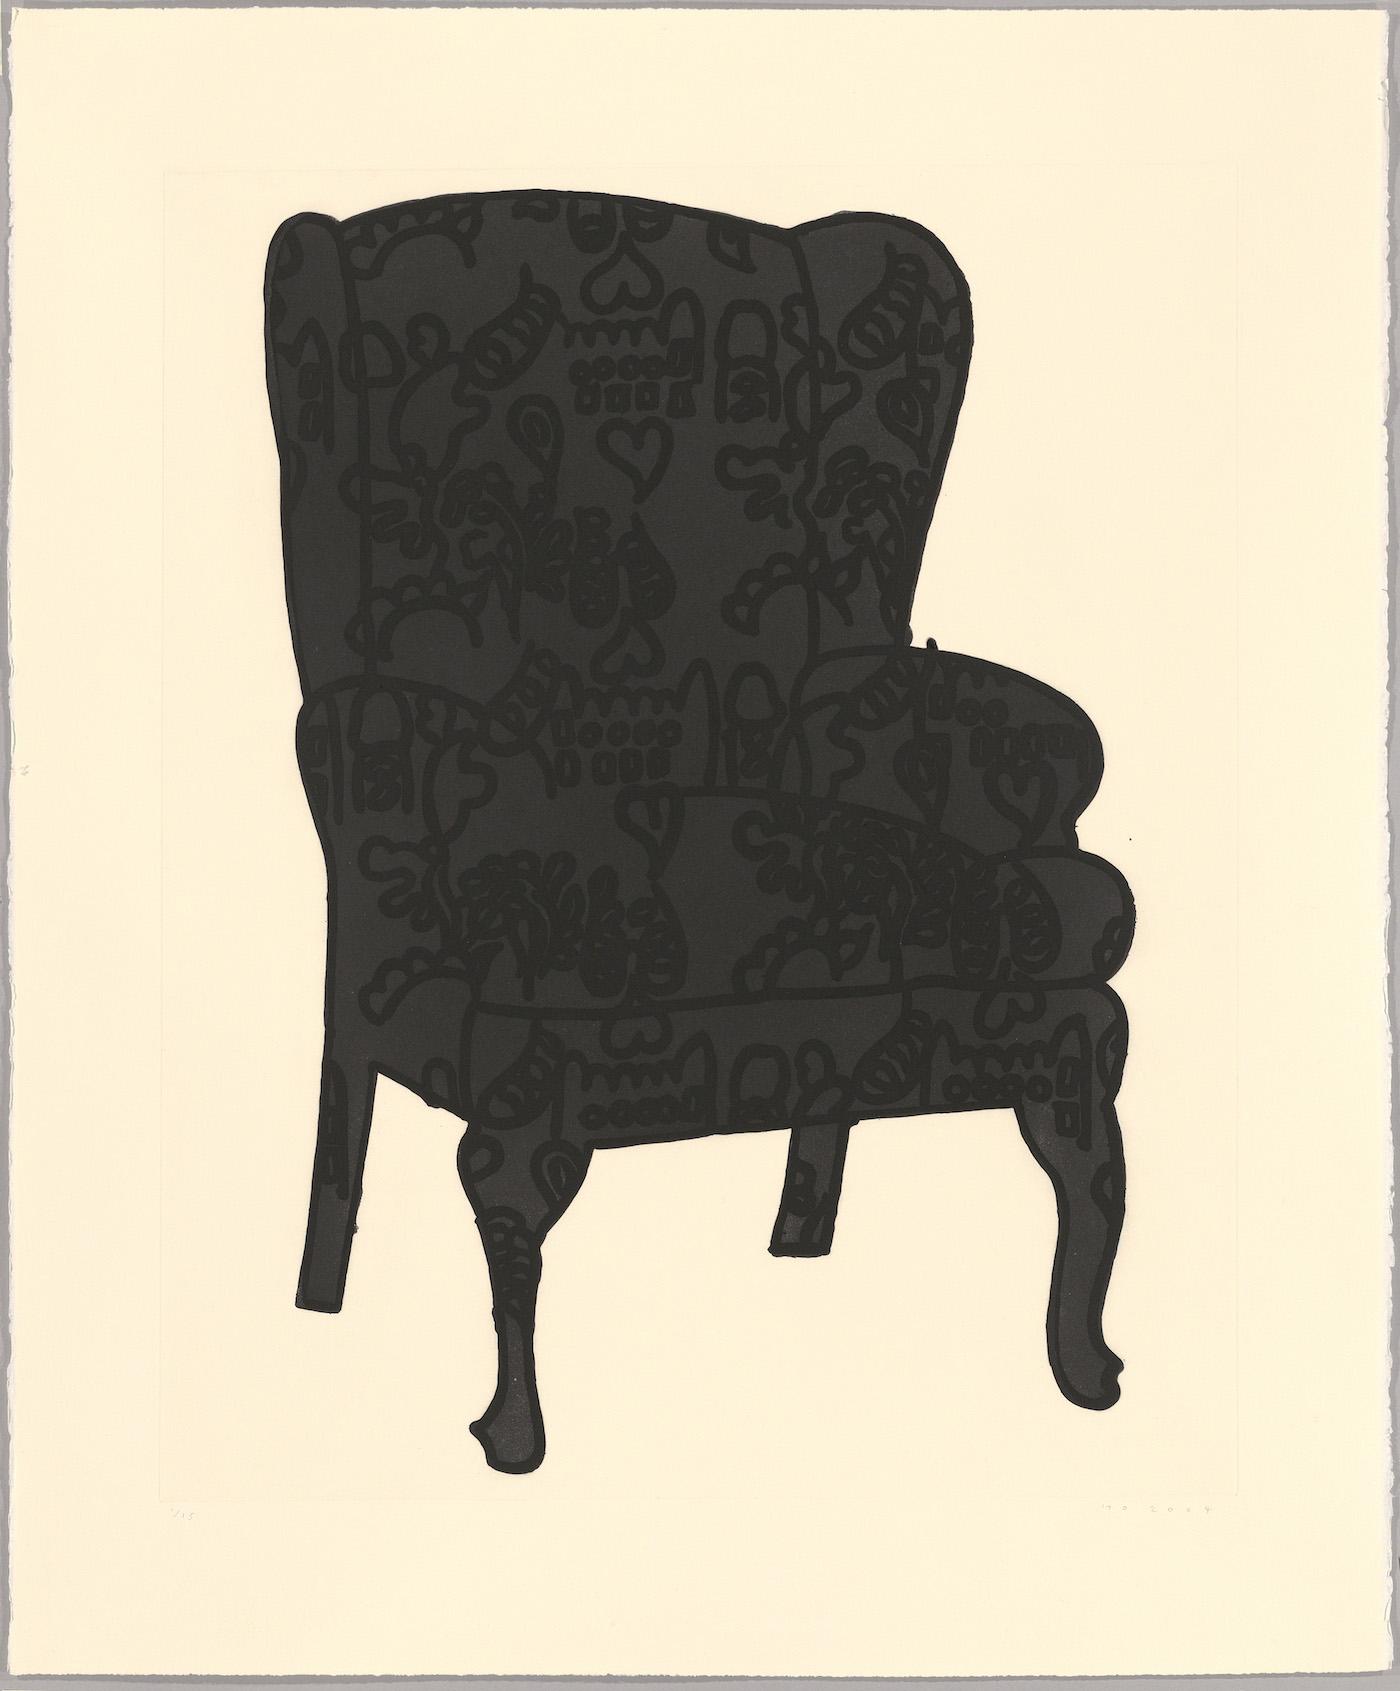 Humphrey Ocean, Black Love Chair, 2006